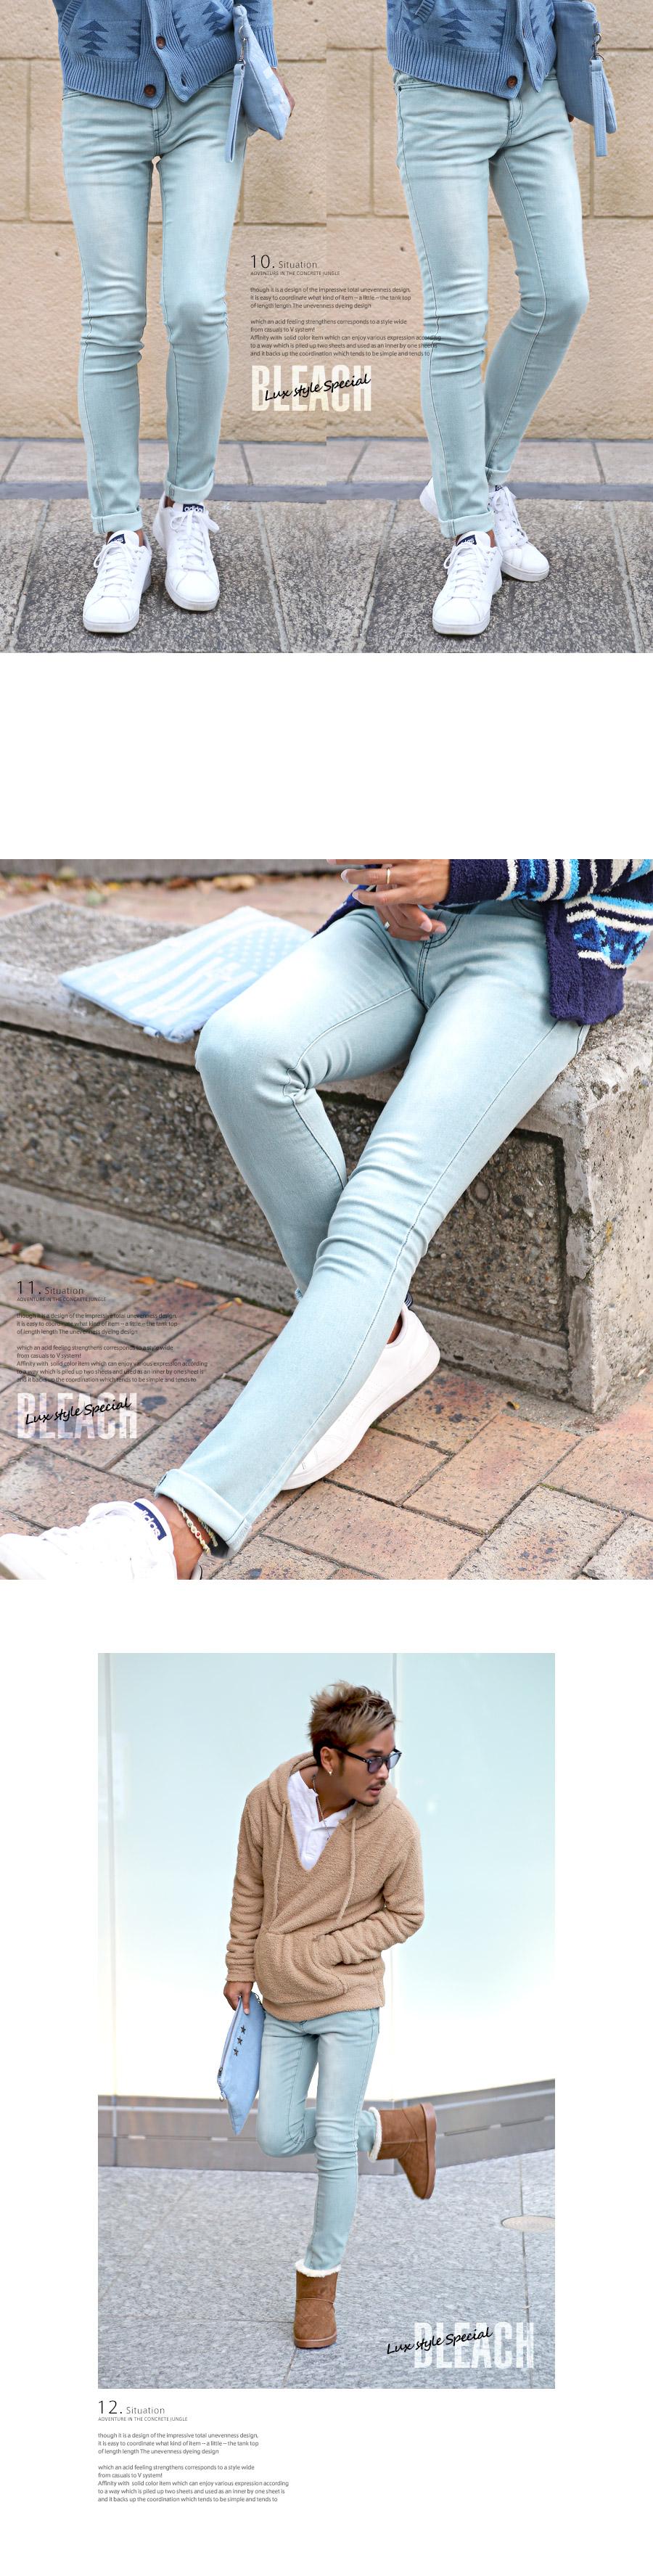 スキニーデニム メンズ ジーンズ ジーパン スキニーパンツ ストレッチデニム スリム 細身 美脚 タイト フィット カジュアル ビター系 BITTER お兄系 ファッション 服 通販 ボトムス 19